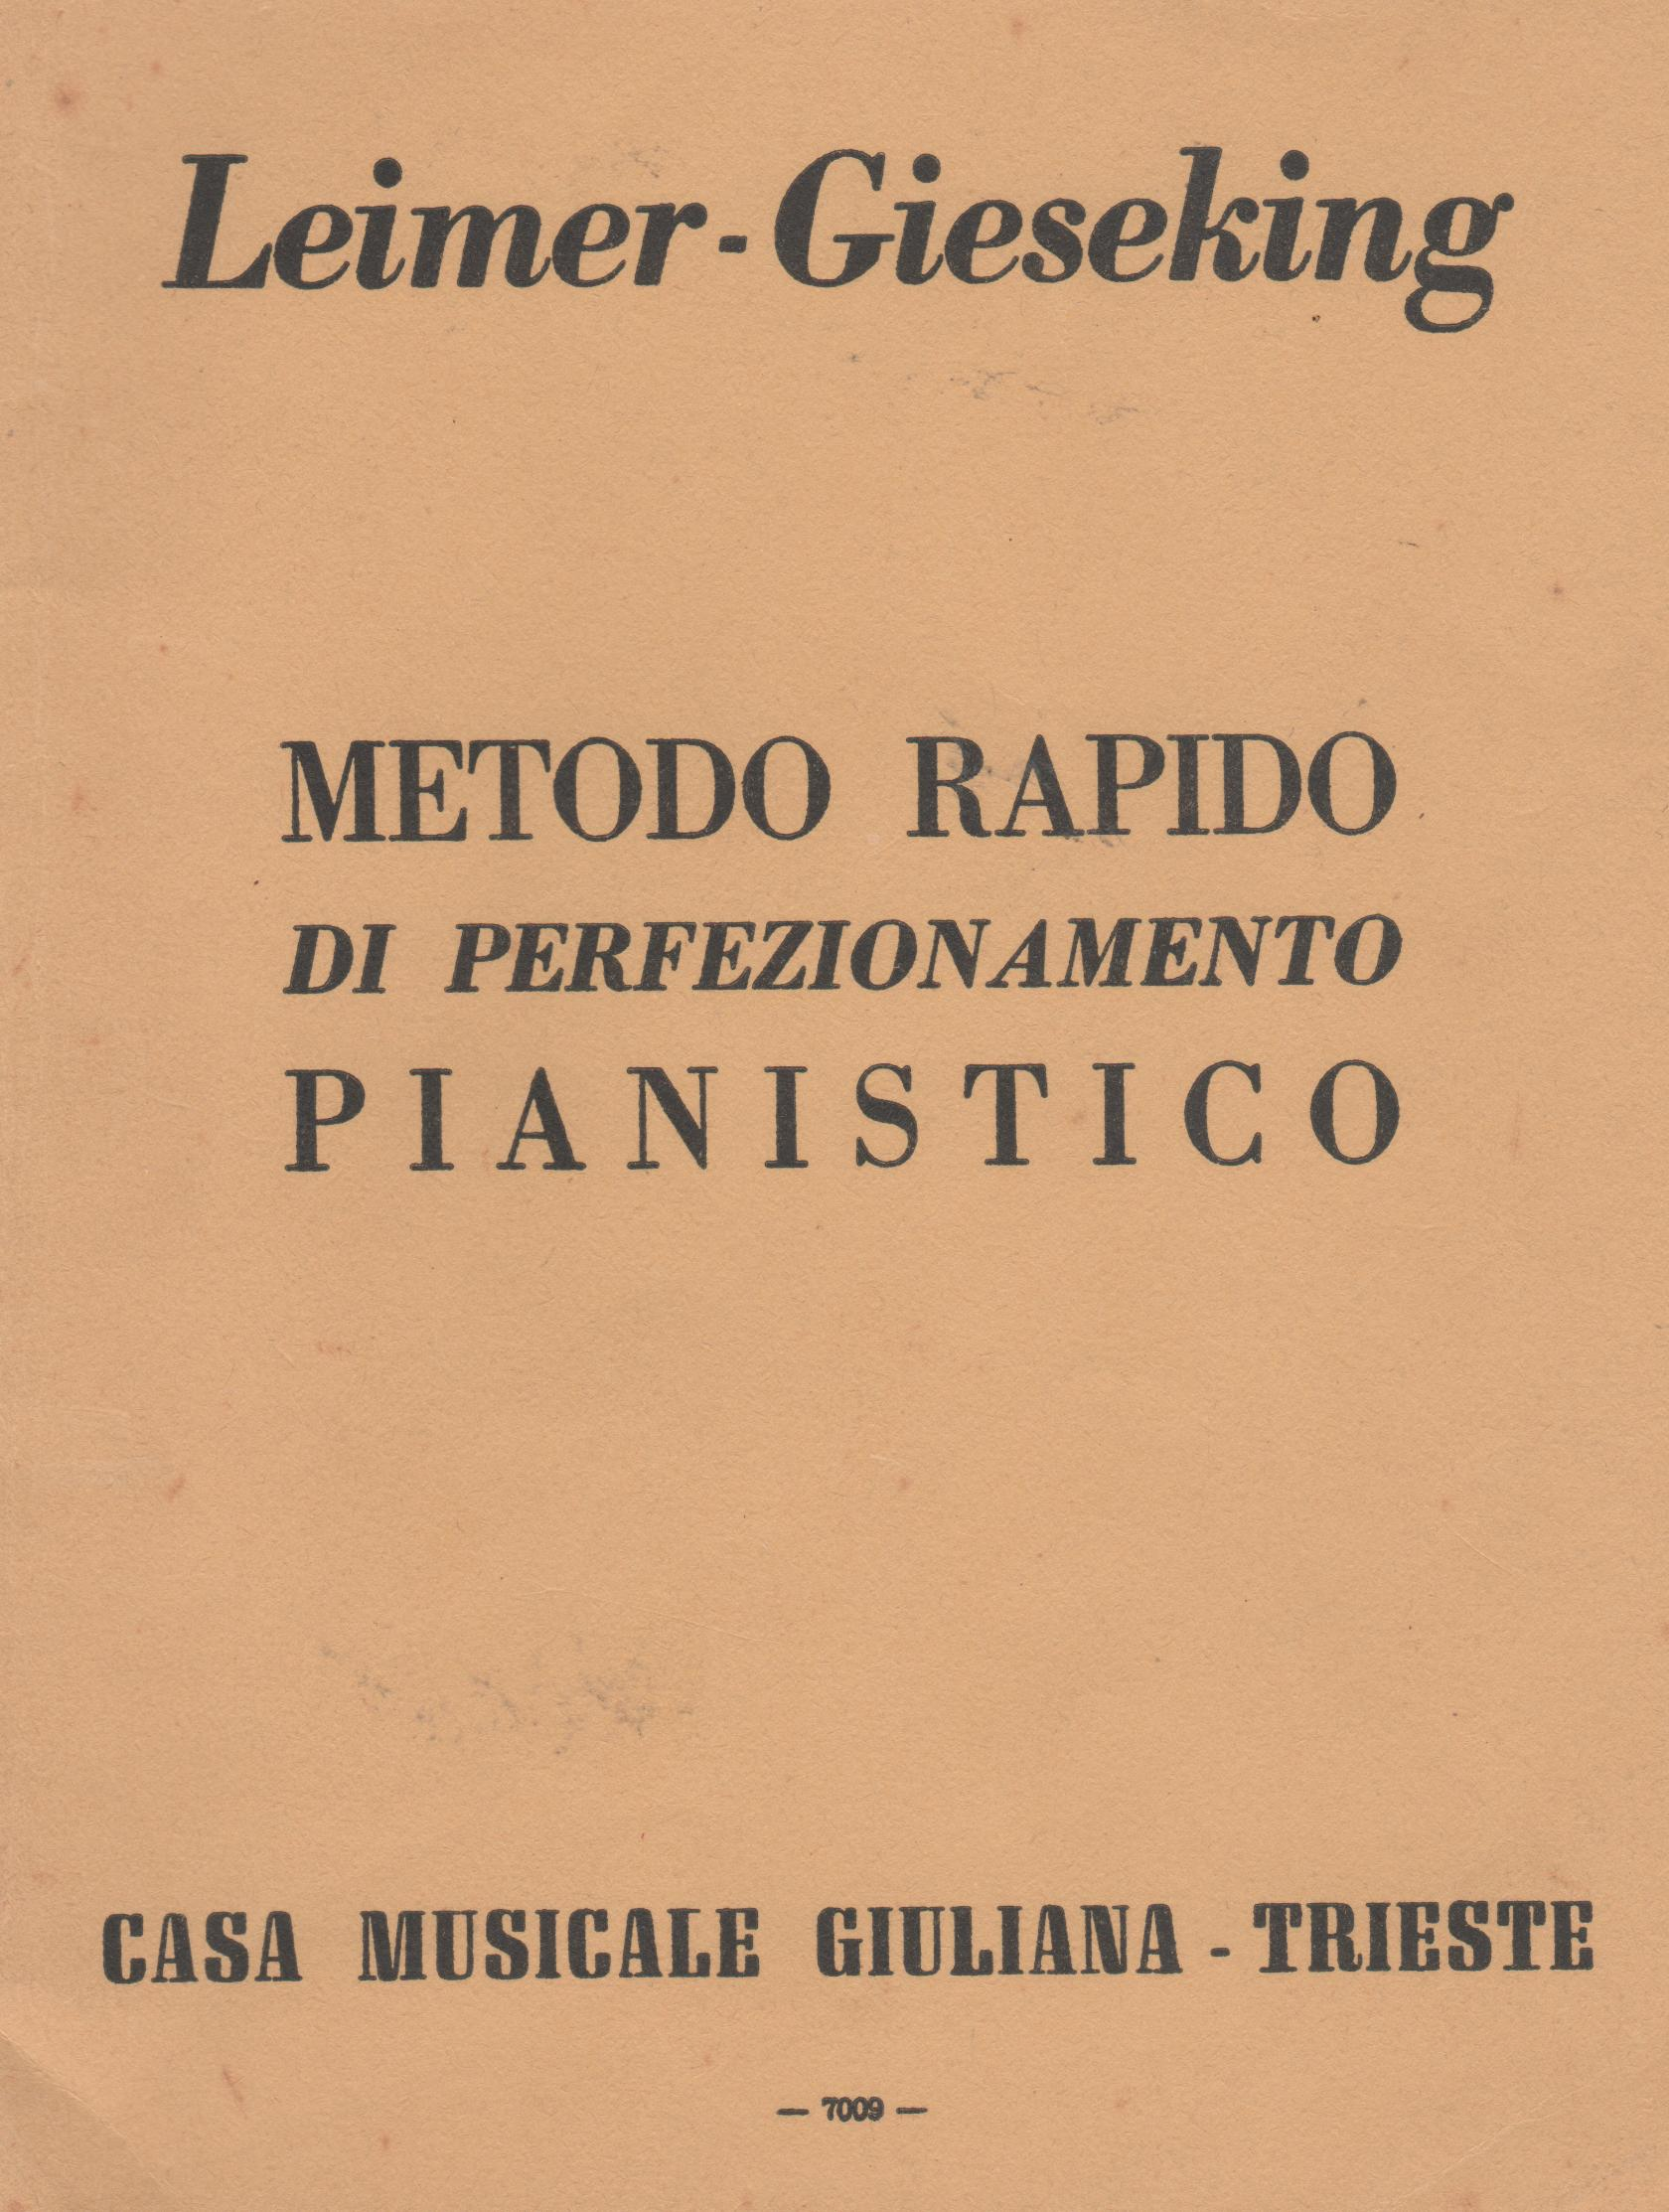 Metodo rapido di perfezionamento pianistico